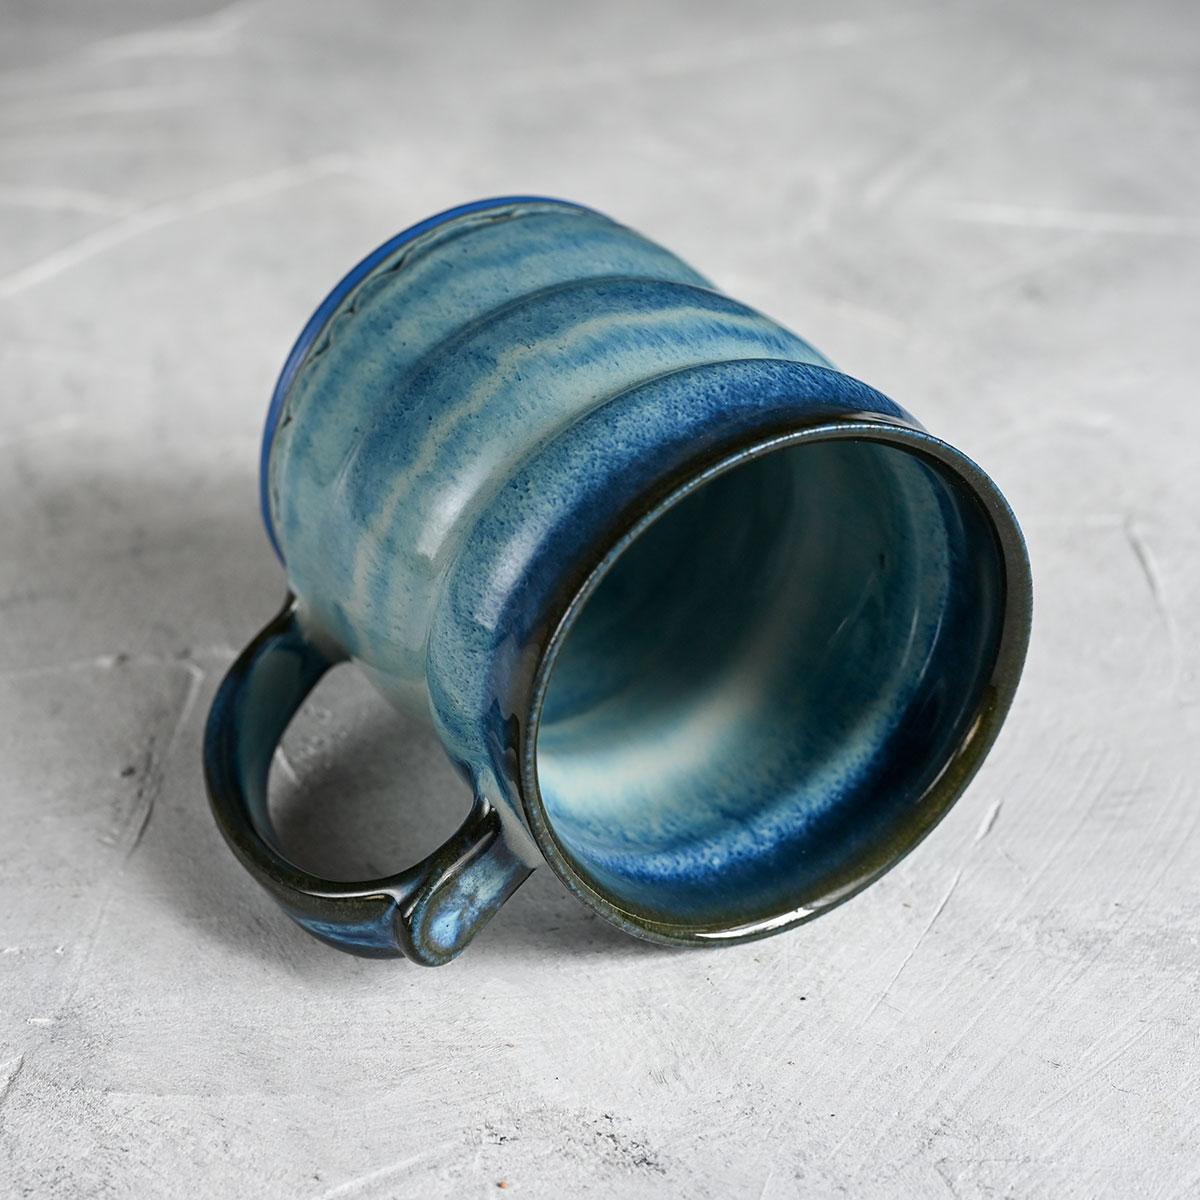 картинка Кружка из синего фарфора большая голубая - DishWishes.Ru